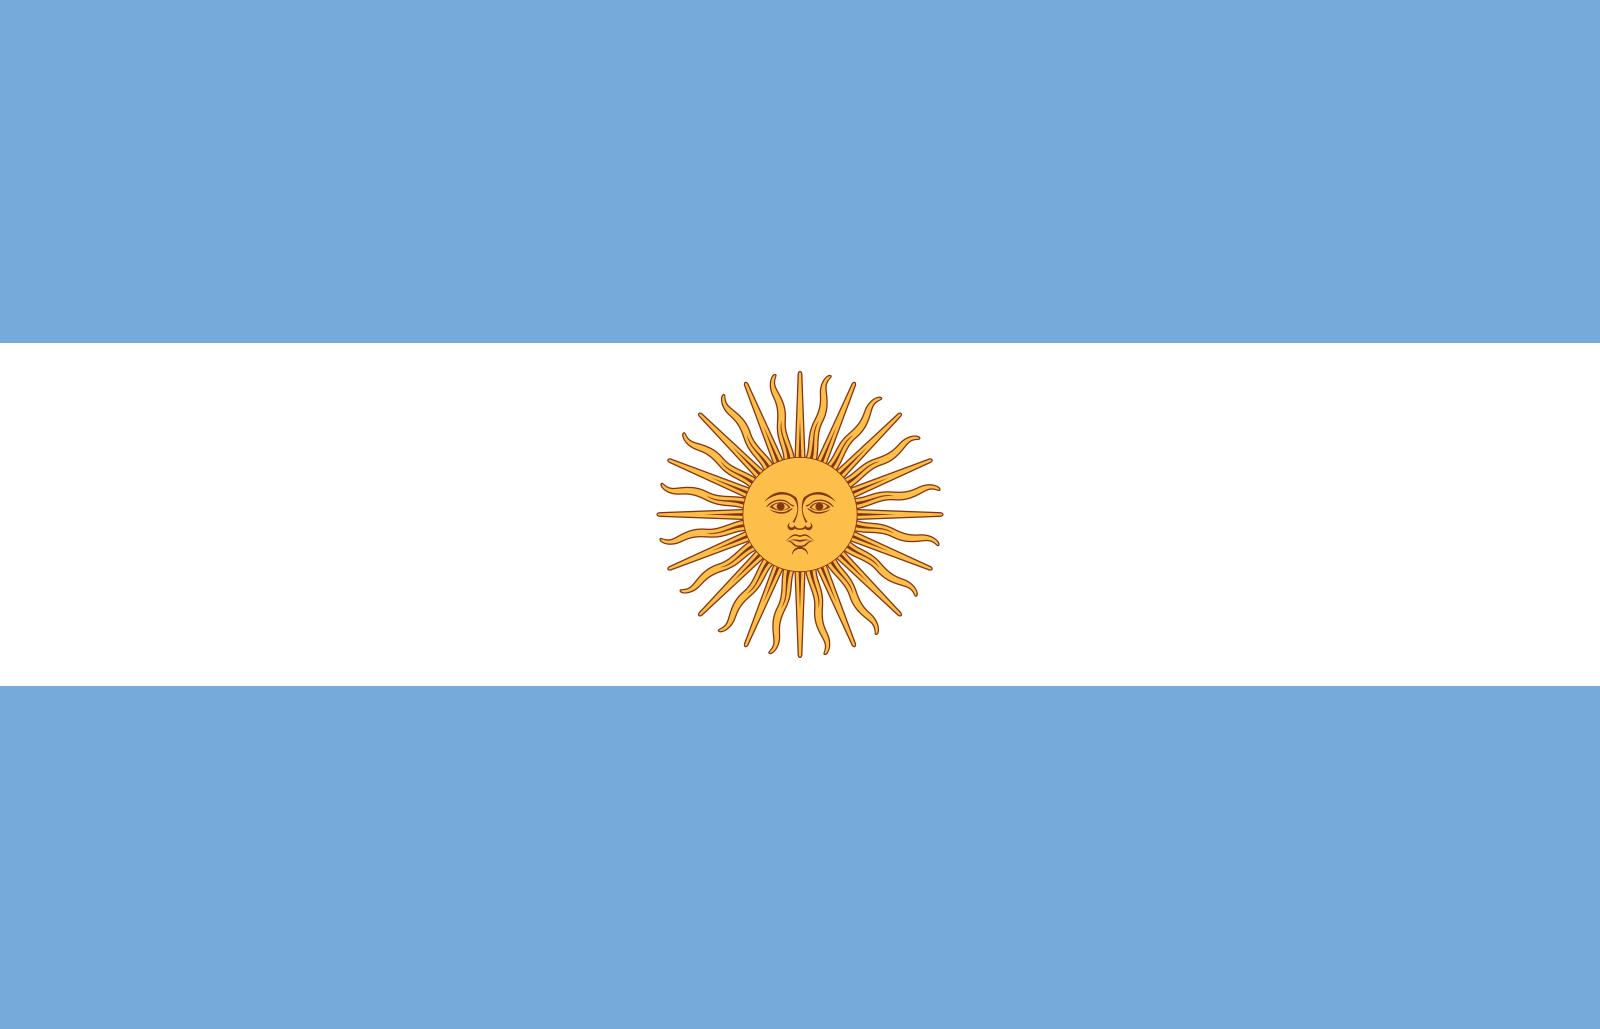 Dibujos  Fondos de escritorio  Imagenes BANDERA DE ARGENTINA